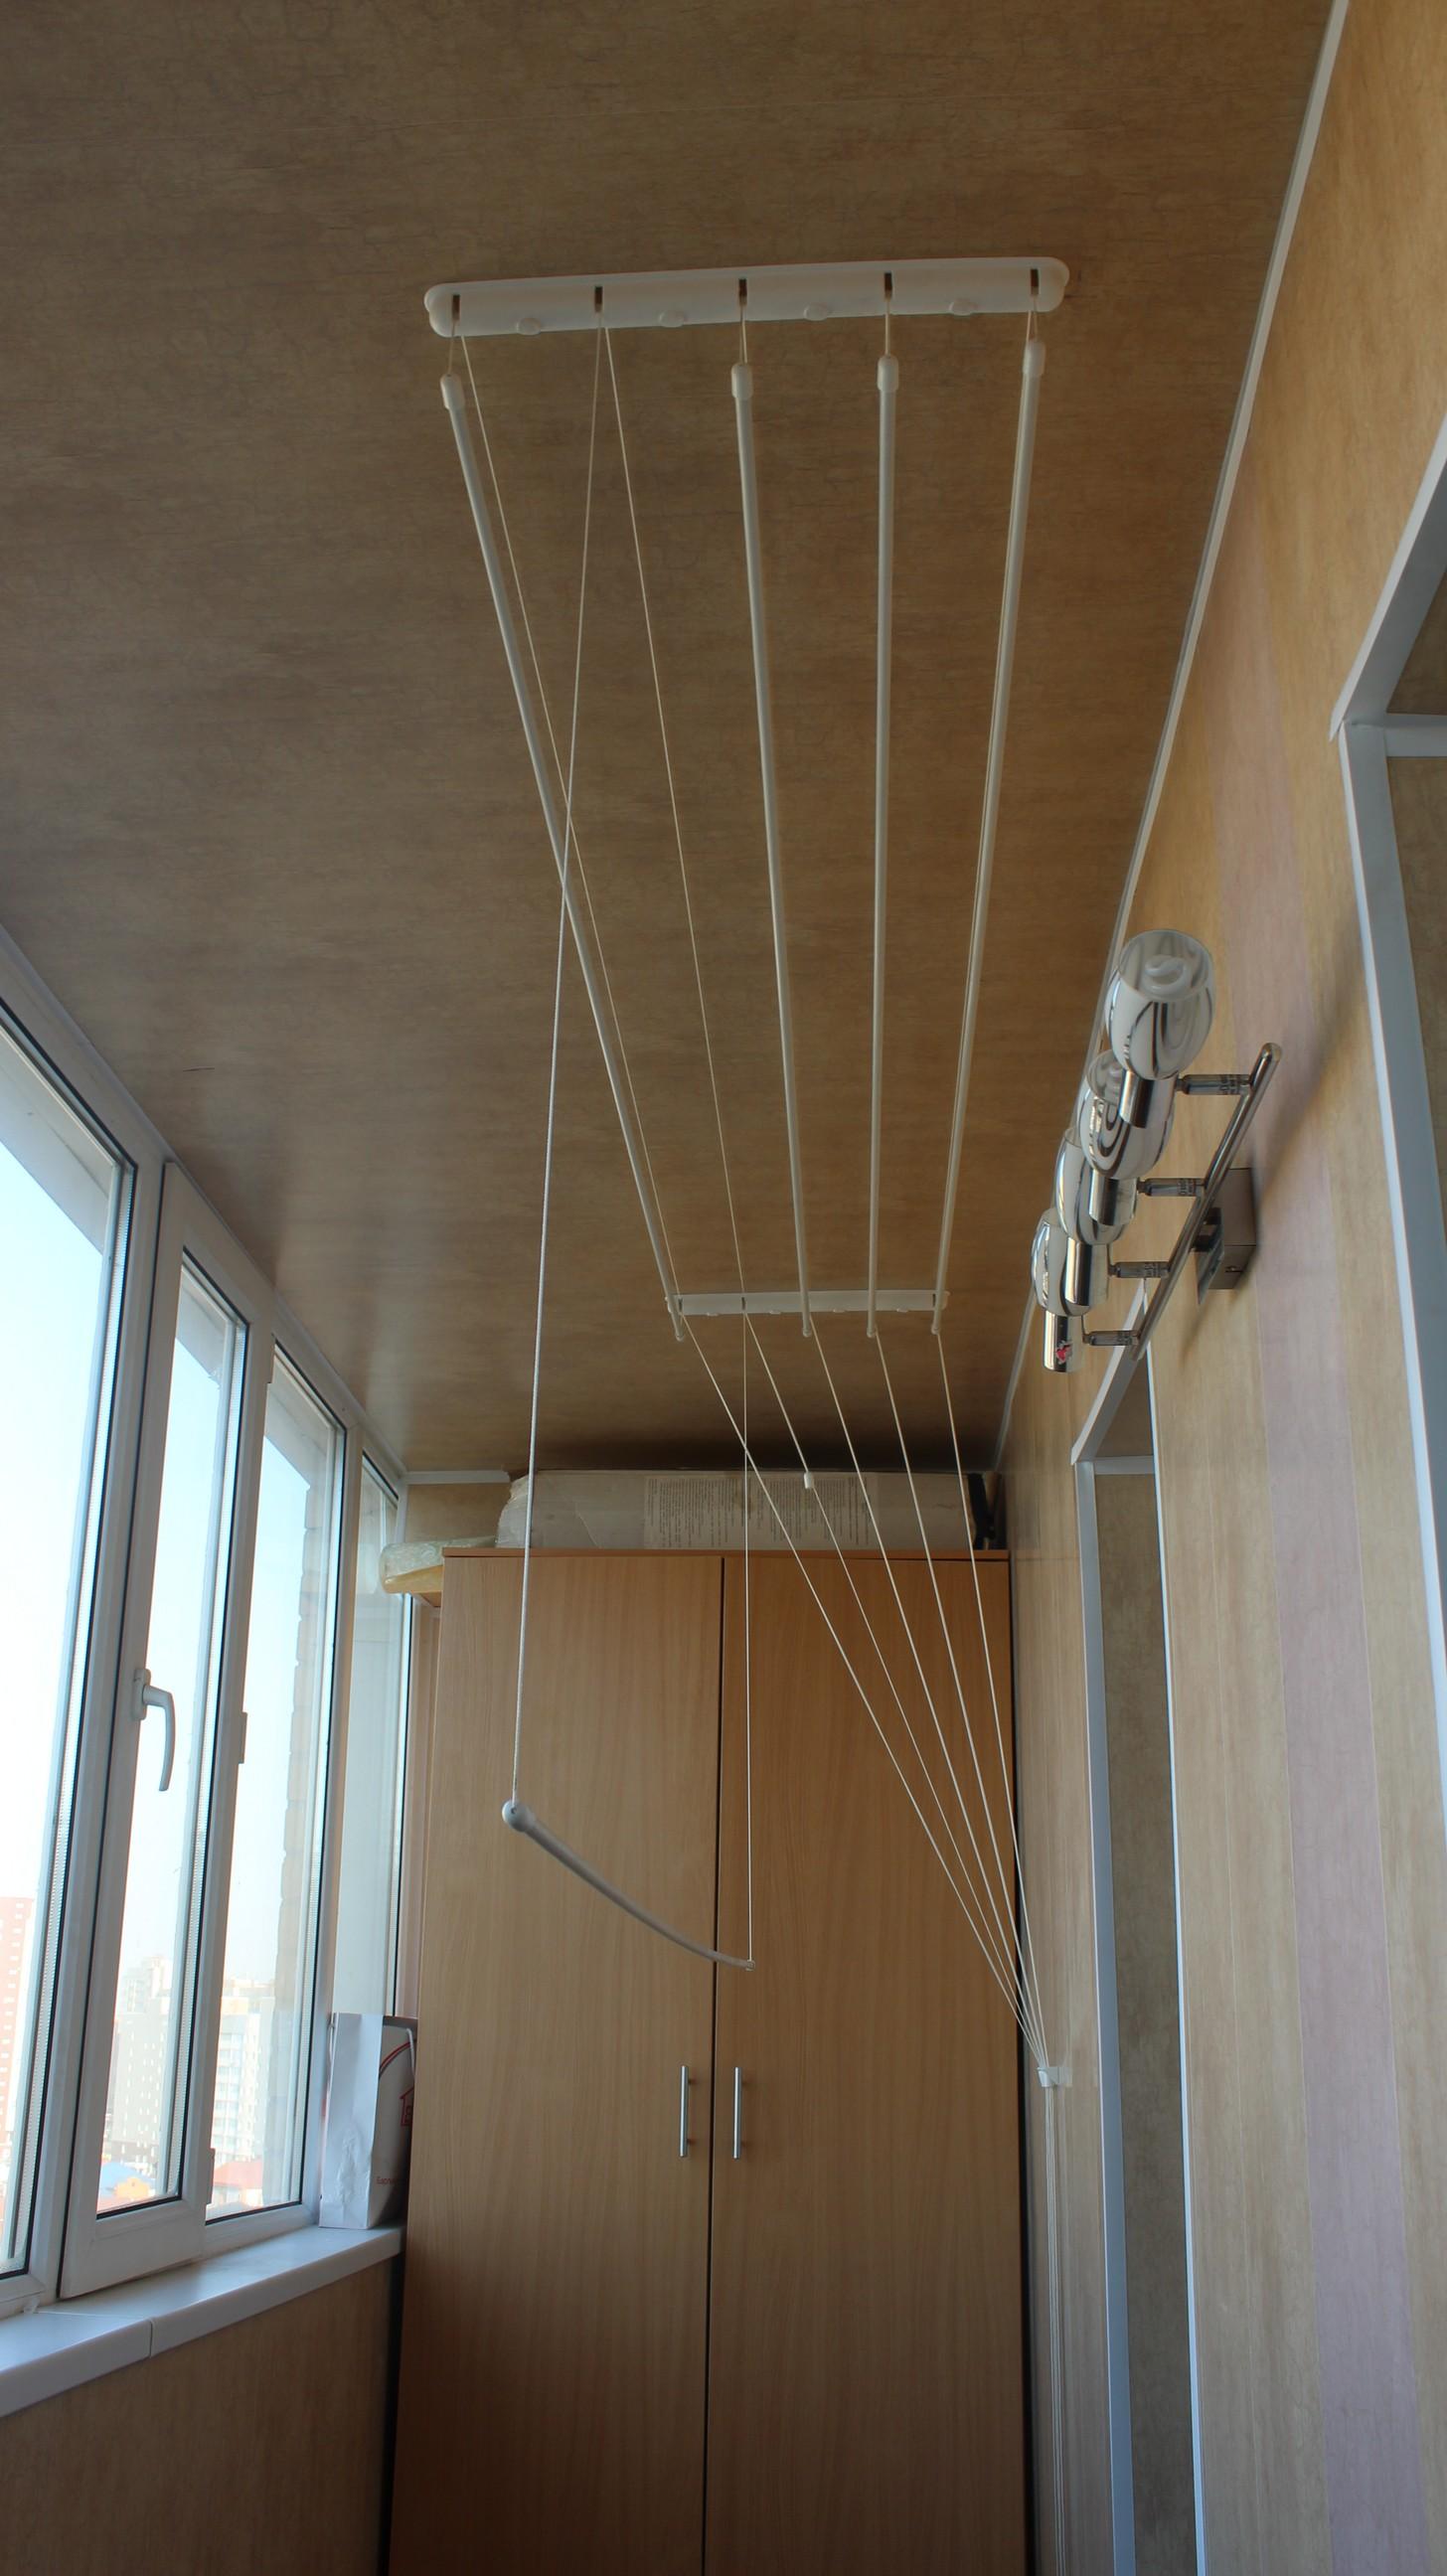 Потолочная сушилка для белья Лифт 9.jpg